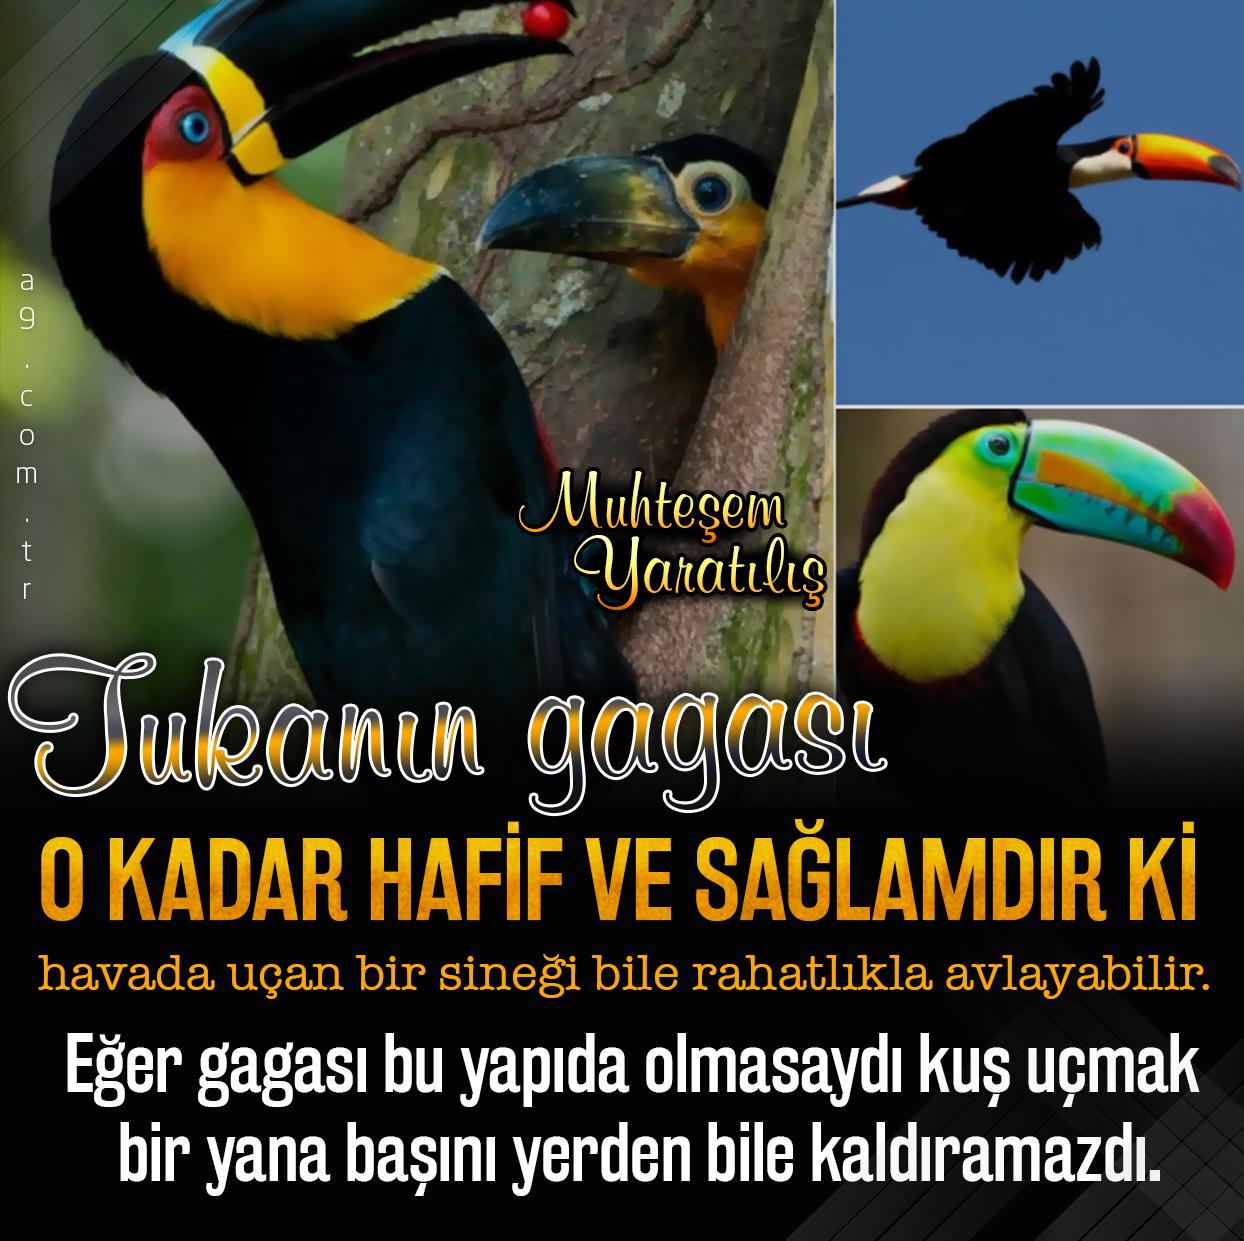 """<table style=""""width: 100%;""""><tr><td style=""""vertical-align: middle;"""">Kuşlar arasında vücuduna oranla en büyük gası olan kuş tukandır. Tukanın gagası o kadar hafif ve sağlamdırki havada uçan bir sineği bile rahatlıkla avlayabilir. Eğer gagası bu yapıda olmasaydı kuş uçmak bir yana başını yerden bile kaldıramazdı.</td><td style=""""max-width: 70px;vertical-align: middle;""""> <a href=""""/downloadquote.php?filename=1516020493419.jpg""""><img class=""""hoversaturate"""" height=""""20px"""" src=""""/assets/images/download-iconu.png"""" style=""""width: 48px; height: 48px;"""" title=""""Resmi İndir""""/></a></td></tr></table>"""